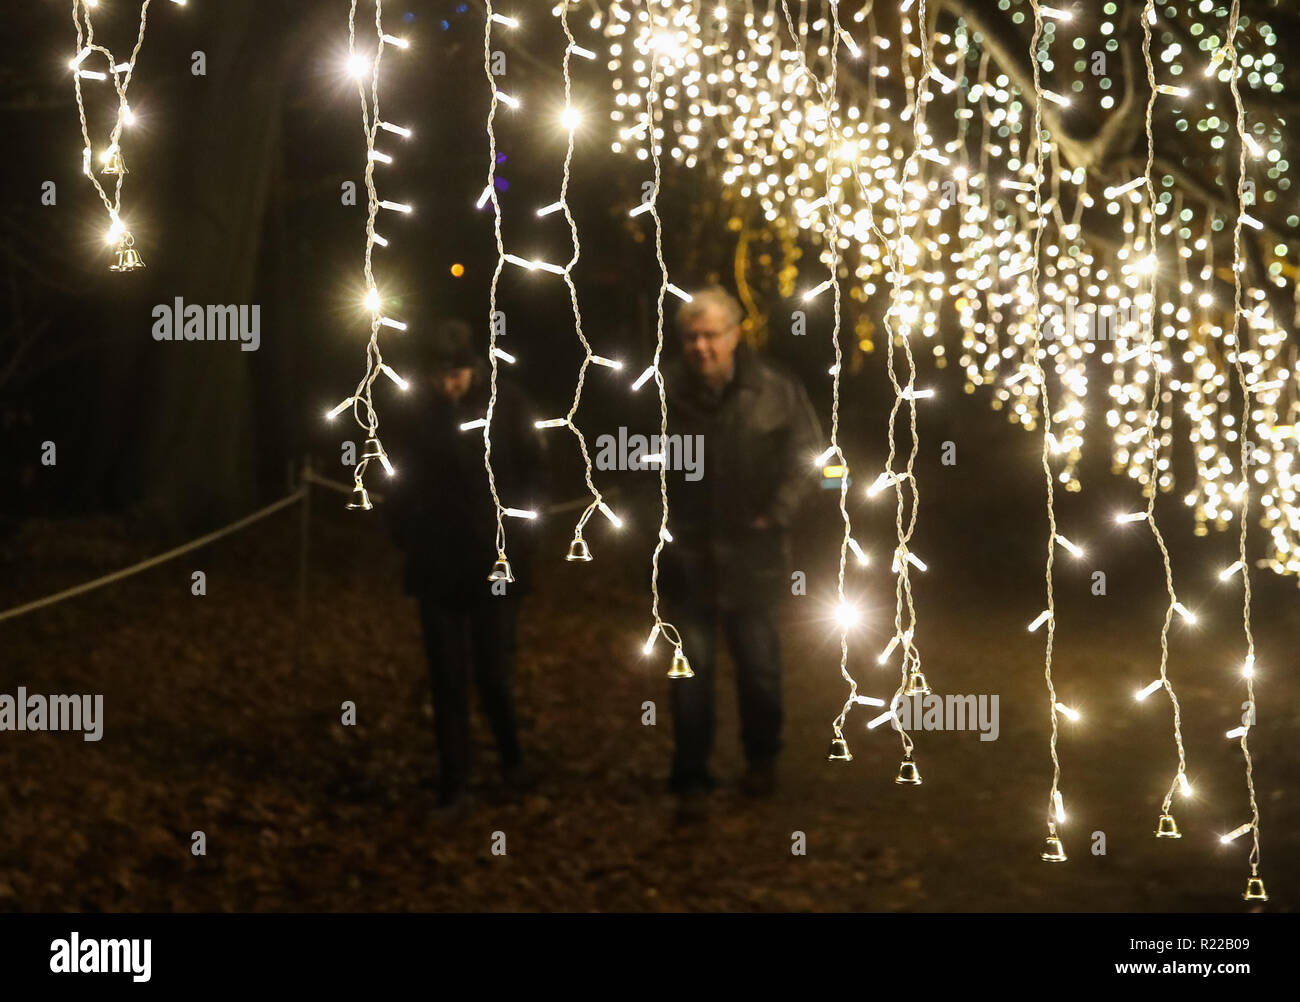 Weihnachten 2019 Berlin.Berlin 07 11 15 6 Januar 2019 Zwei Besucher Gehen Unter Licht